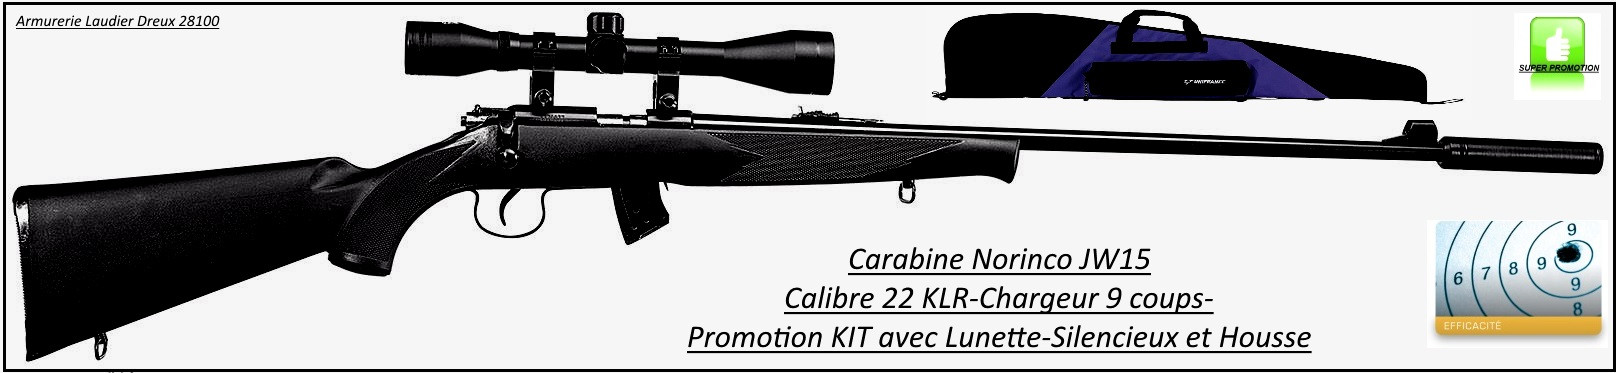 Carabine Norinco Jw15 Calibre 22LR Répétition manuelle Crosse synthétique + kit avec lunette + silencieux-Promotion-.Ref 20483